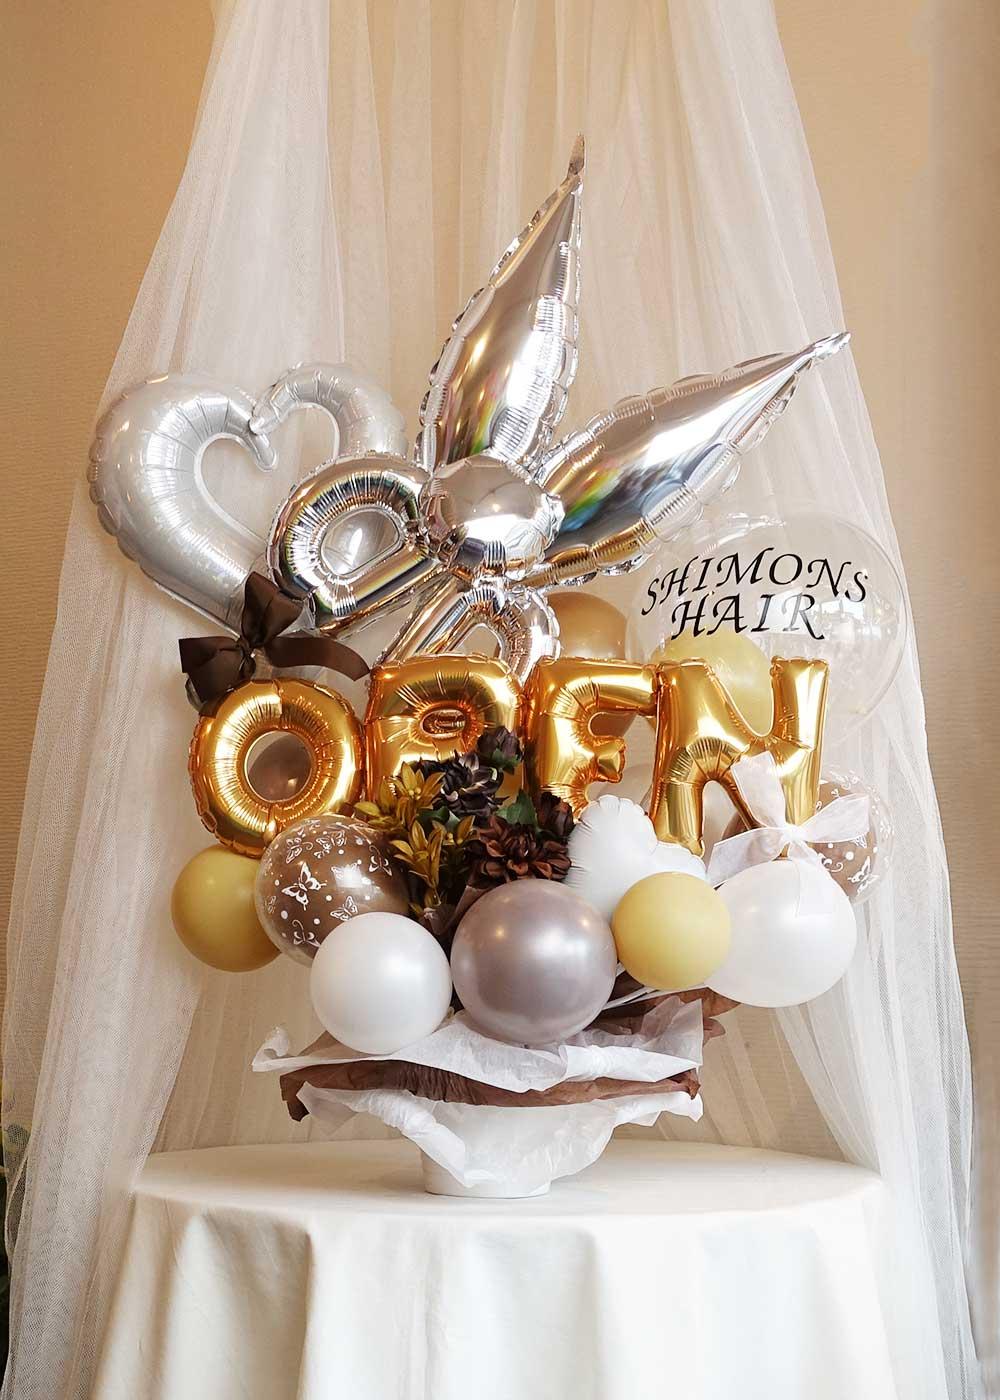 バルーンギフト卓上 ヘアサロン オープン祝い 美容院 開店祝い 名入れ バルーンギフト通販ショップ KOO-DOO